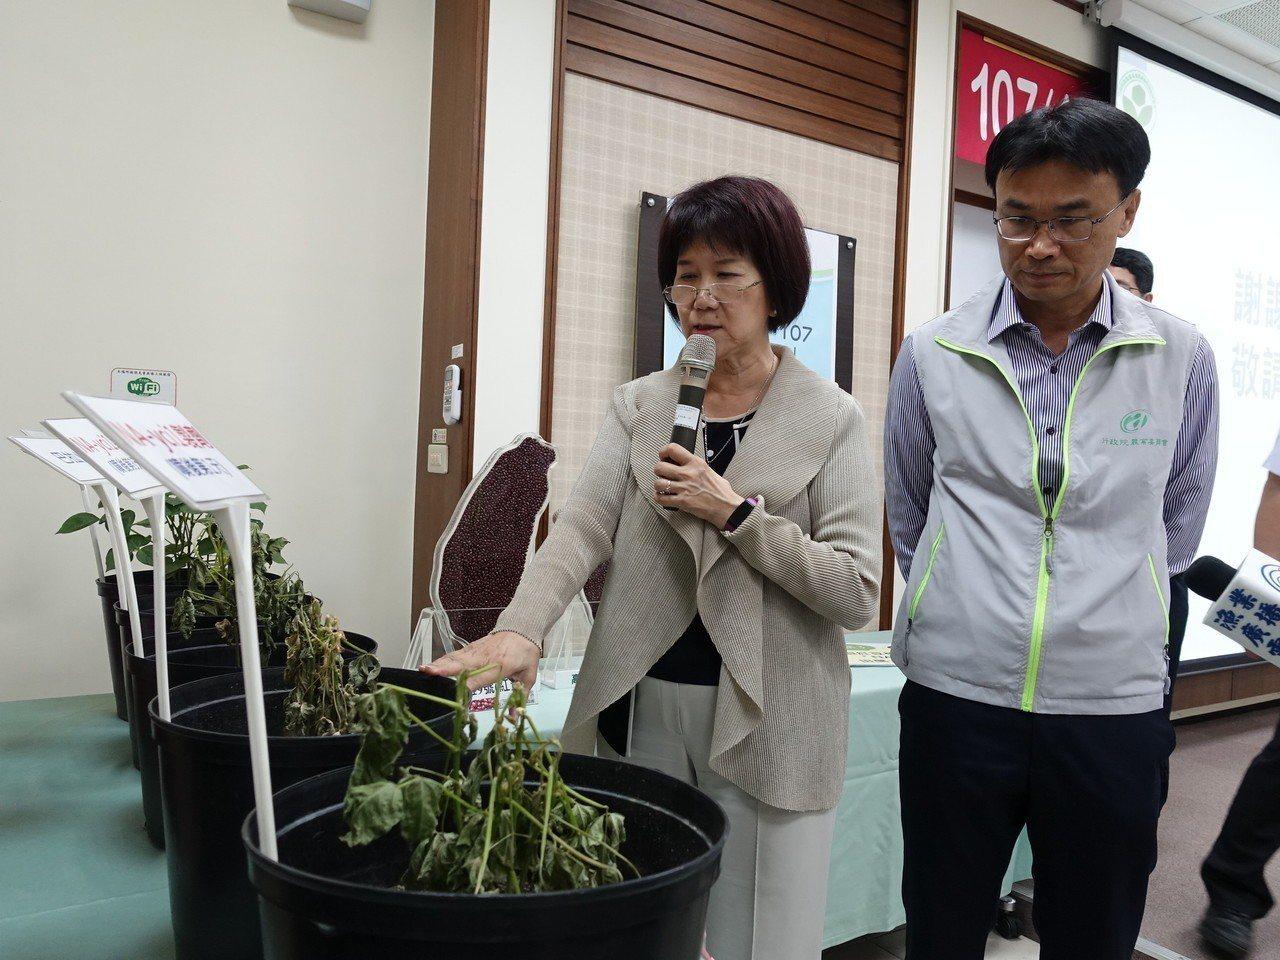 農科院推出新型紅豆植株乾燥劑NA-yci1,效果不錯,今年將推動田間大面積試驗。...